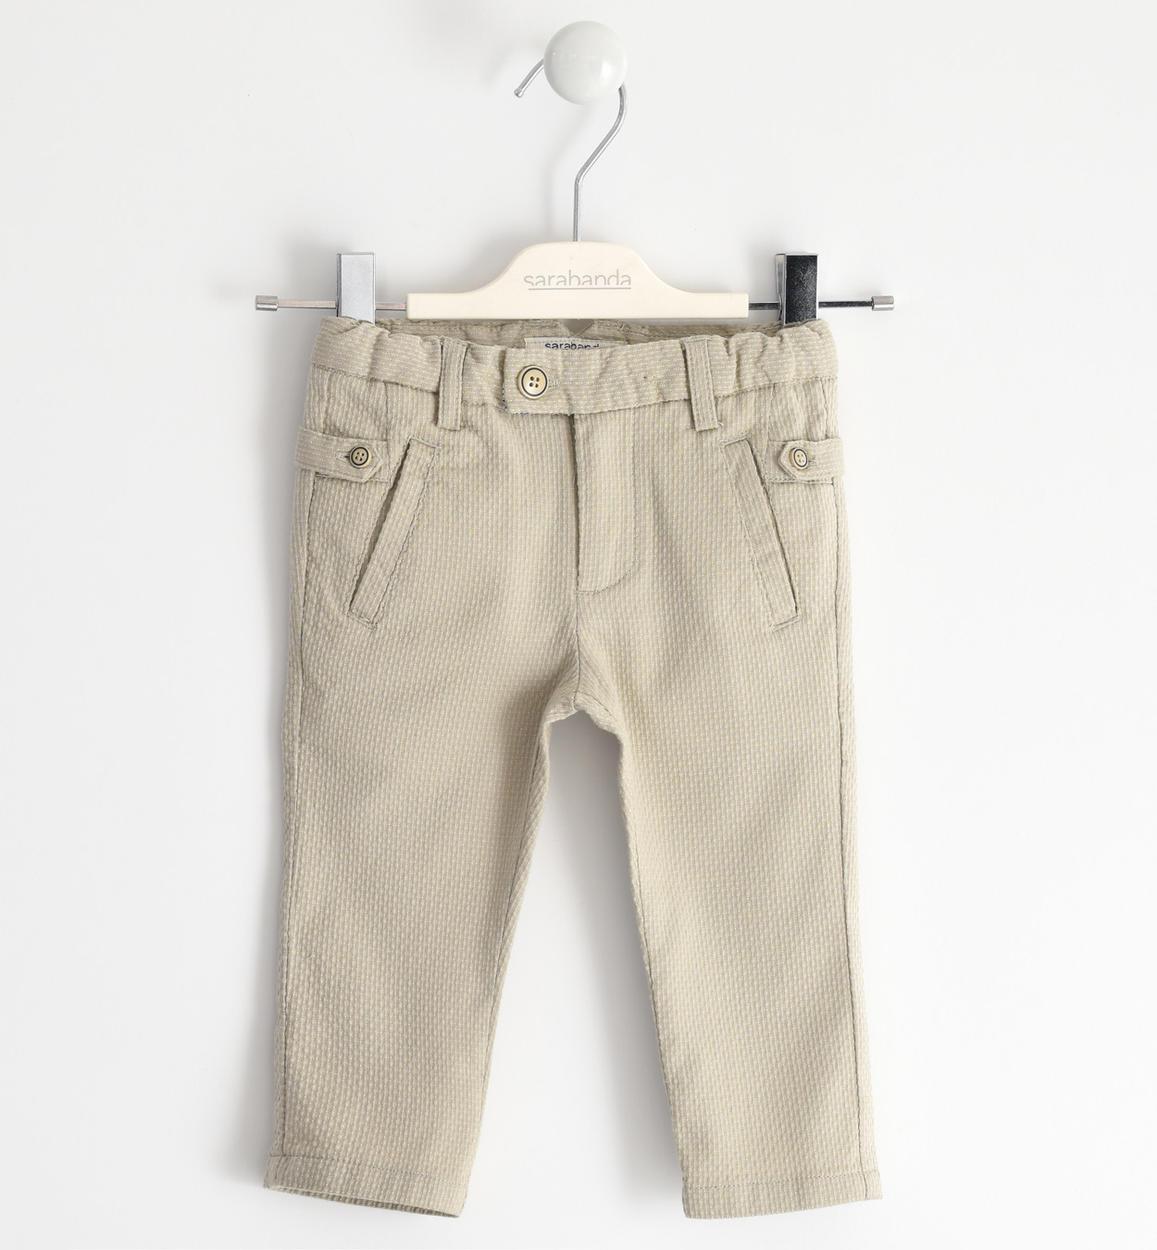 fiú drapp bézs alkalmi elegáns nadrág